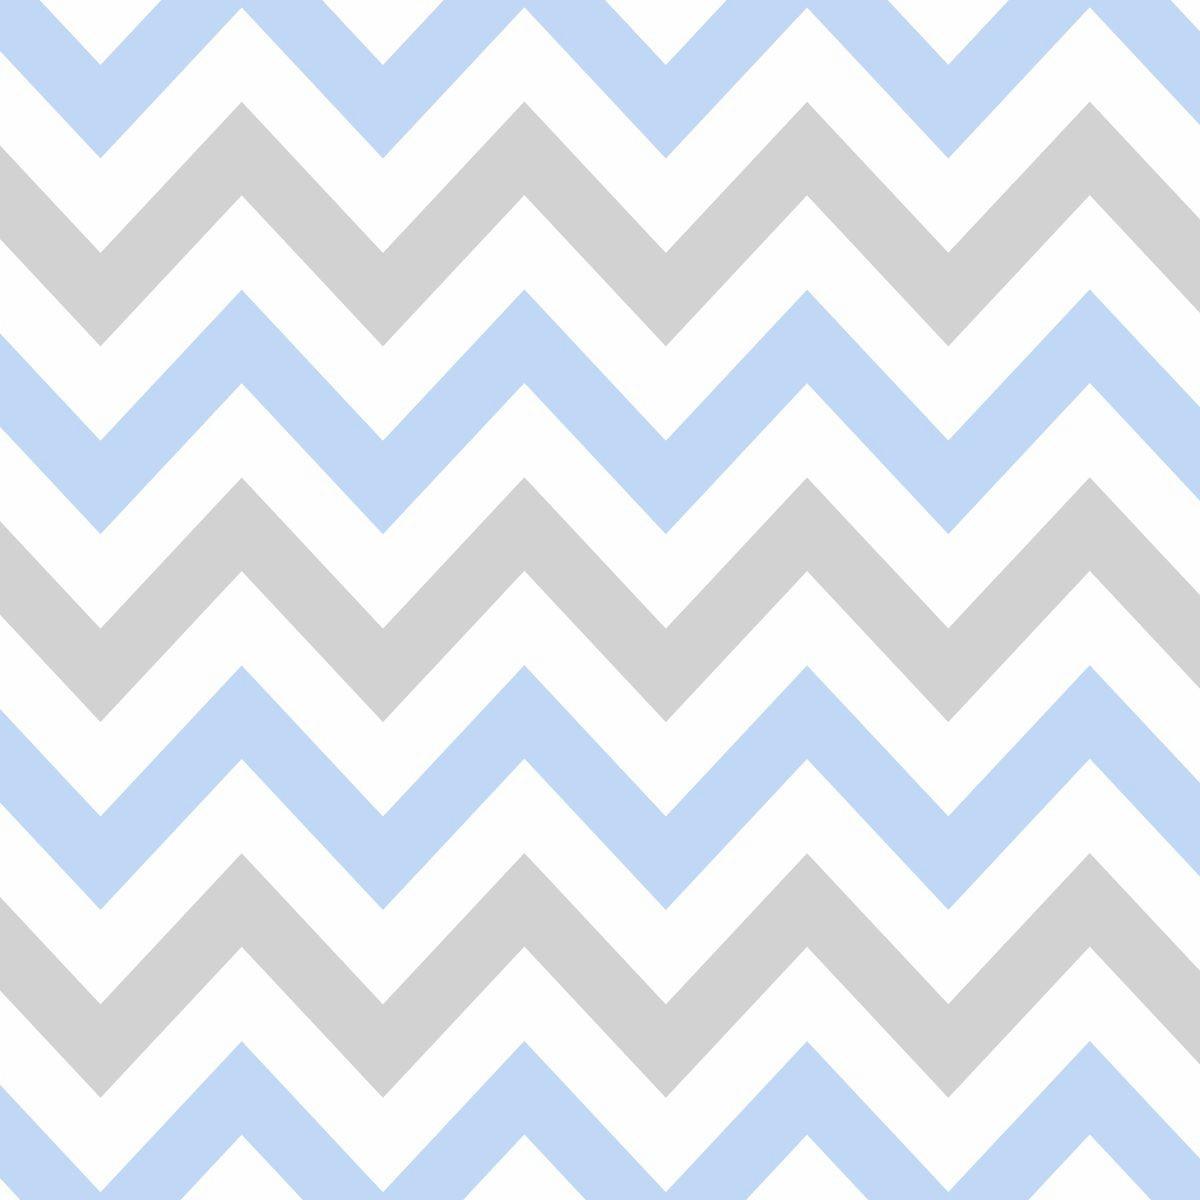 151cc2bfc2156 Papel de Parede Madeira Cinza e Azul | Elo7